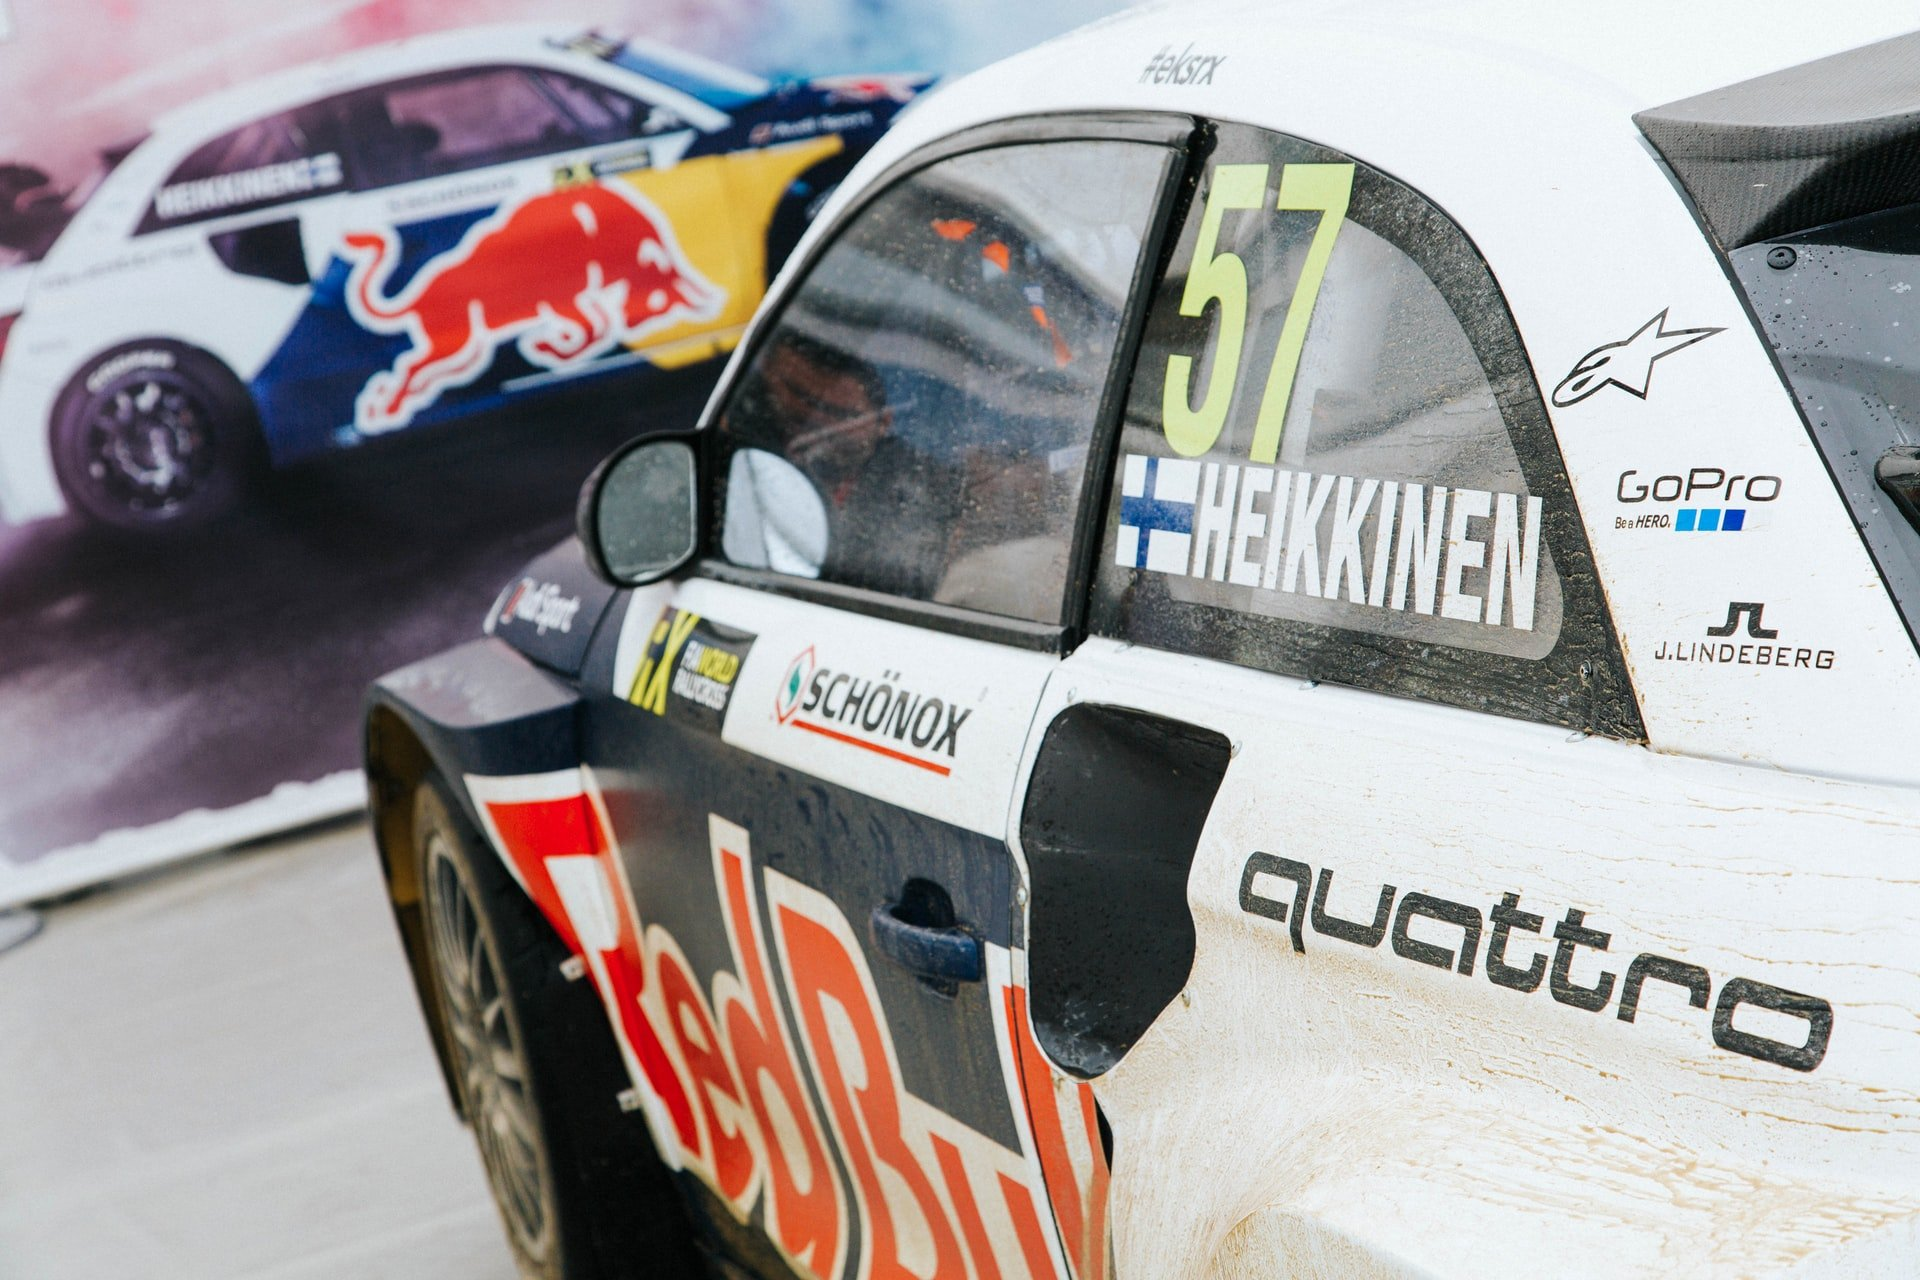 Motorsports Sponsor Heineken